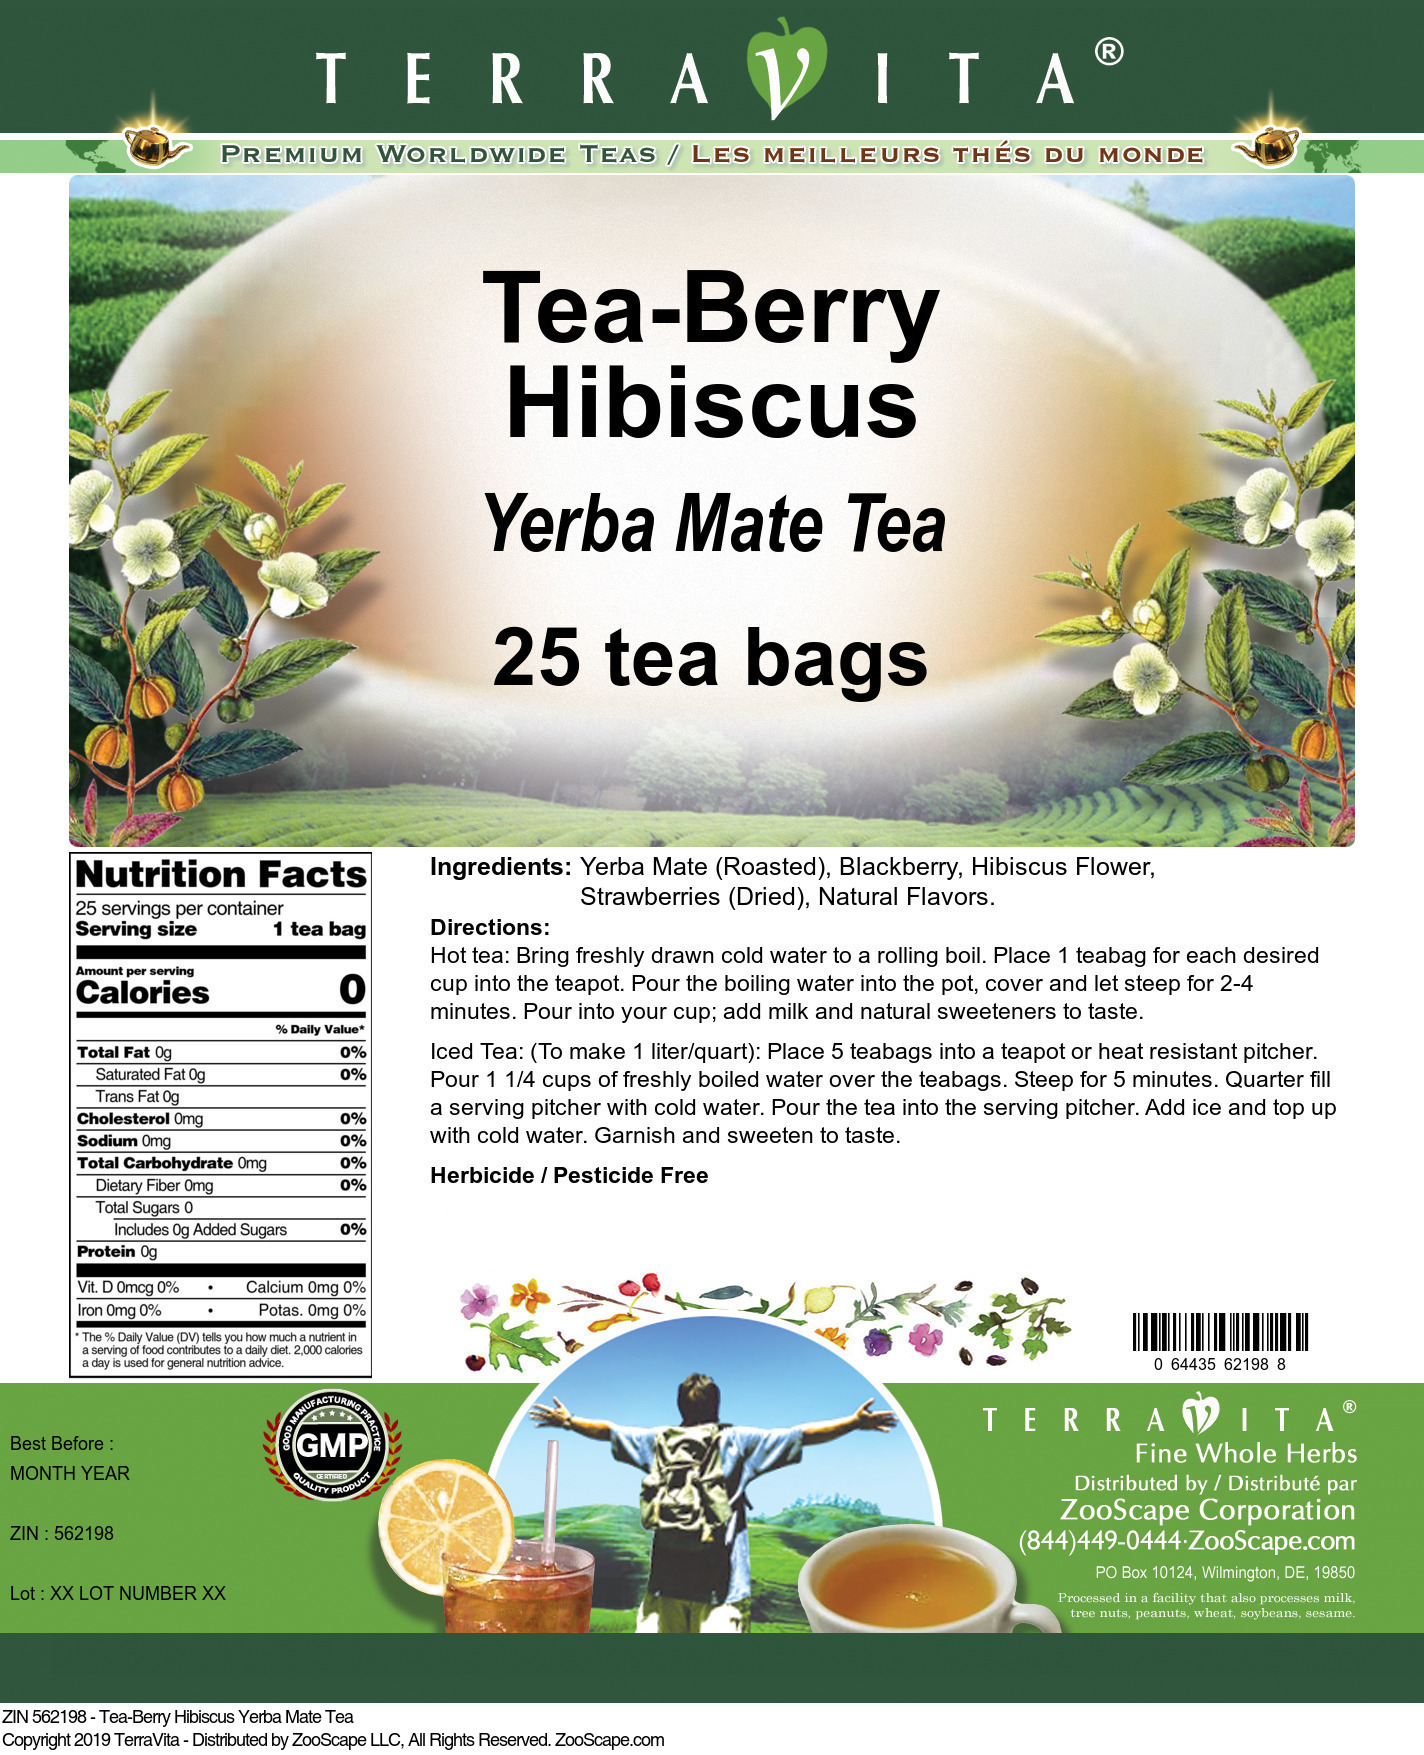 Tea-Berry Hibiscus Yerba Mate Tea